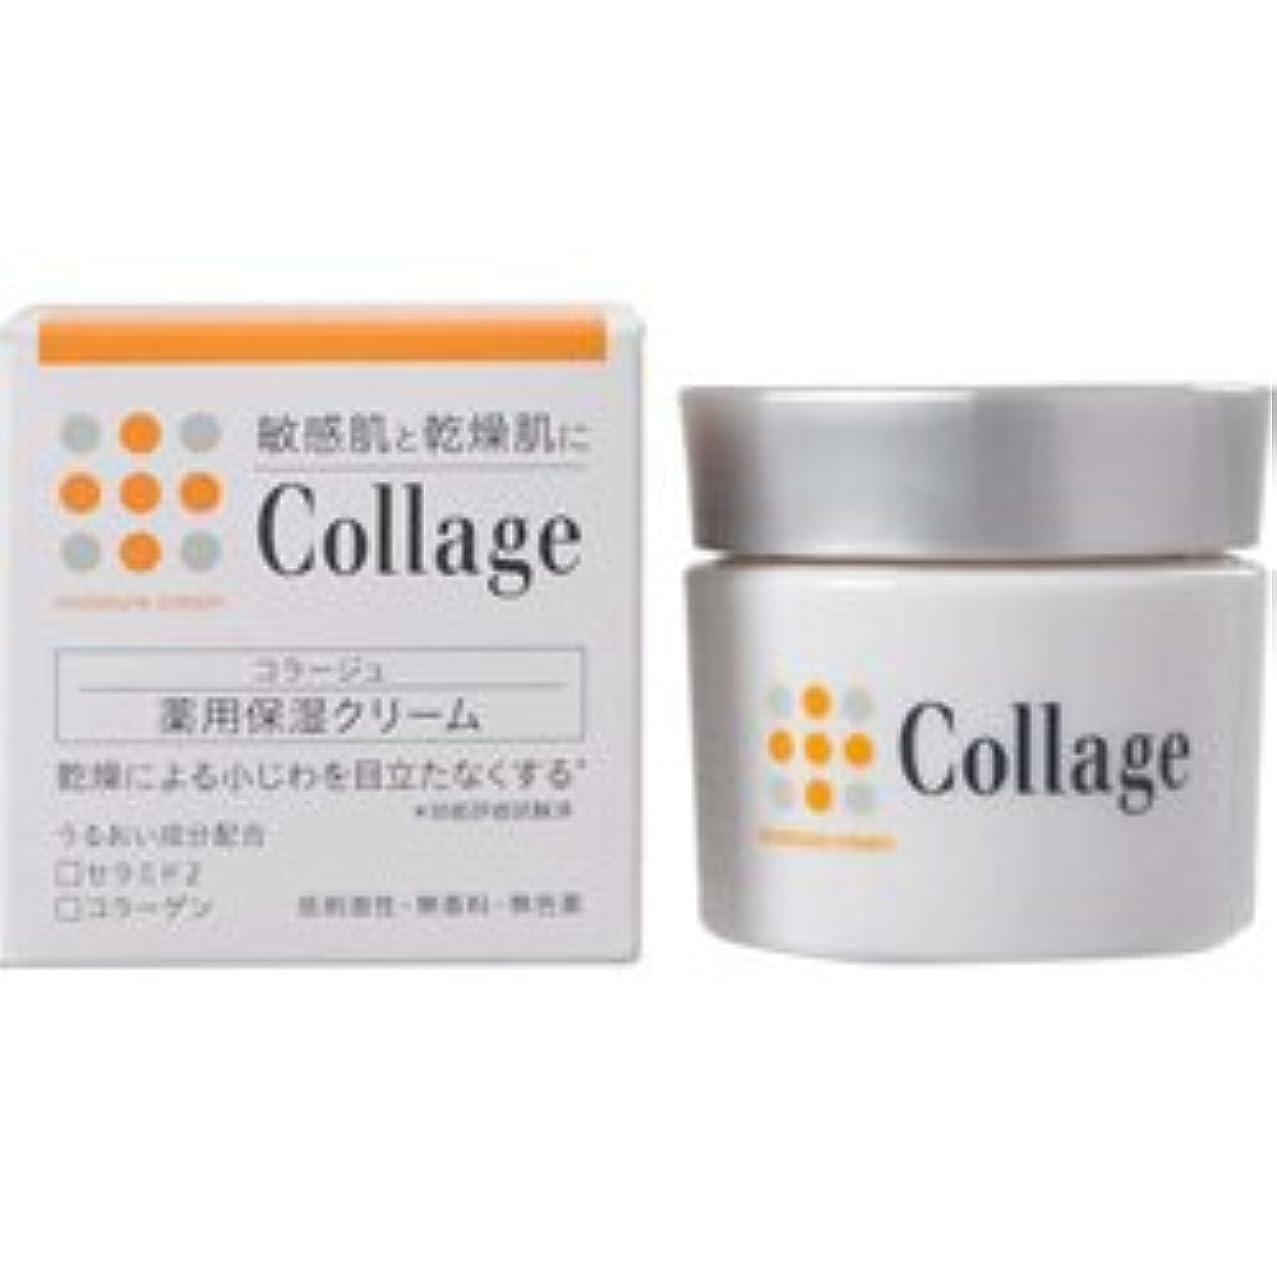 ぼかしゼロ聖人【持田ヘルスケア】 コラージュ薬用保湿クリーム 30g (医薬部外品) ×3個セット